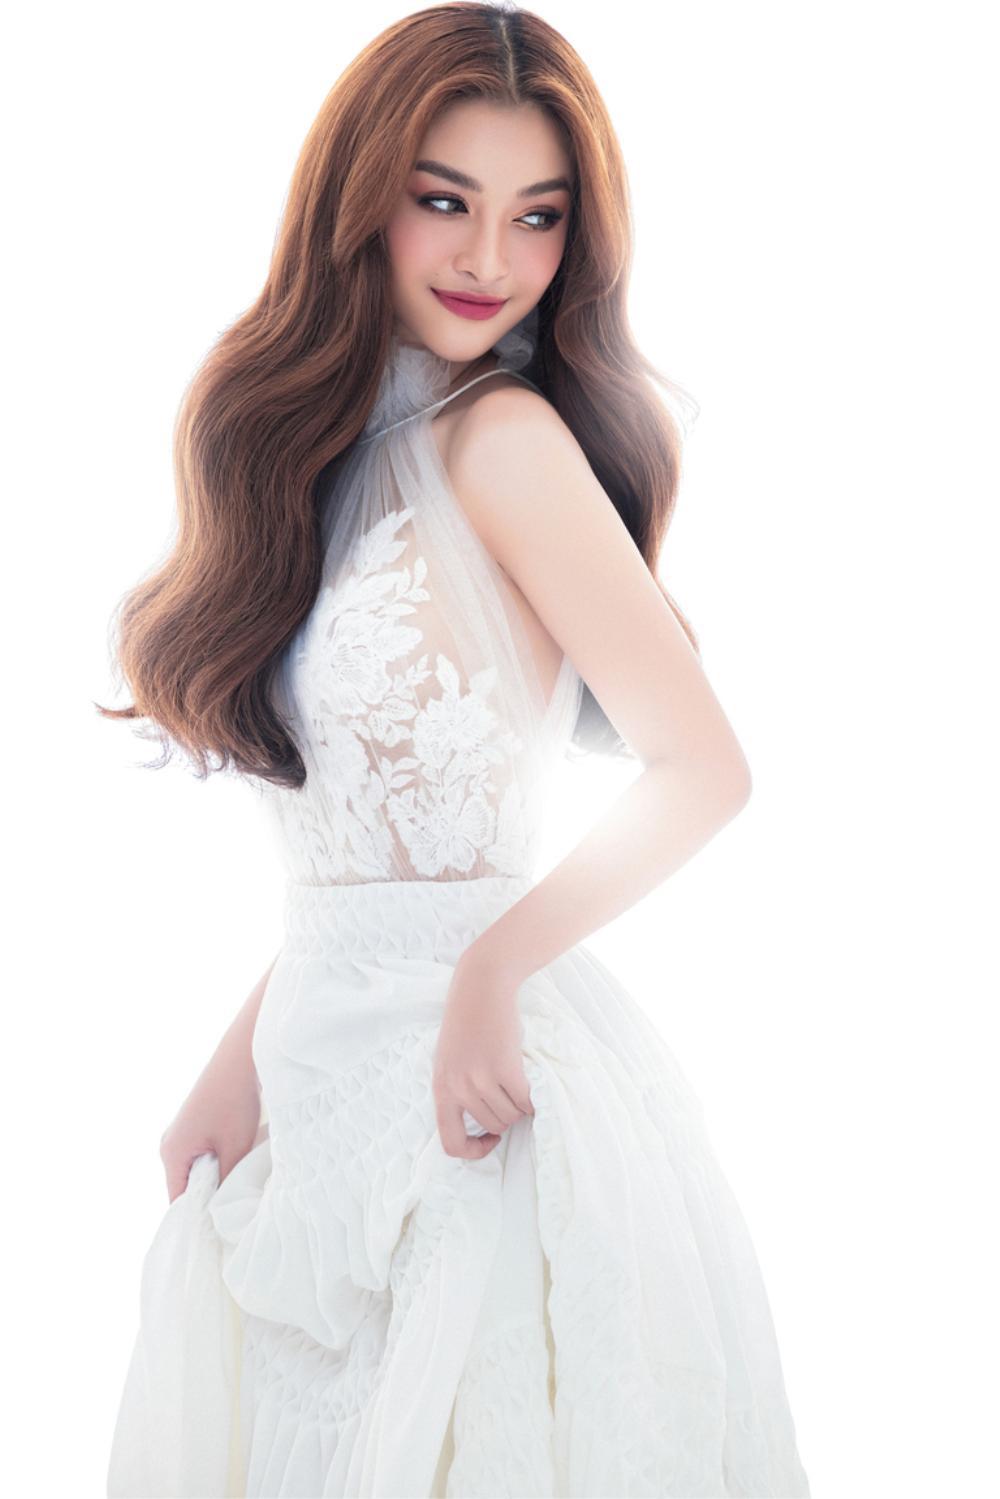 Á hậu Kiều Loan khoe nhan sắc quyến rũ trong bộ ảnh mới Ảnh 15